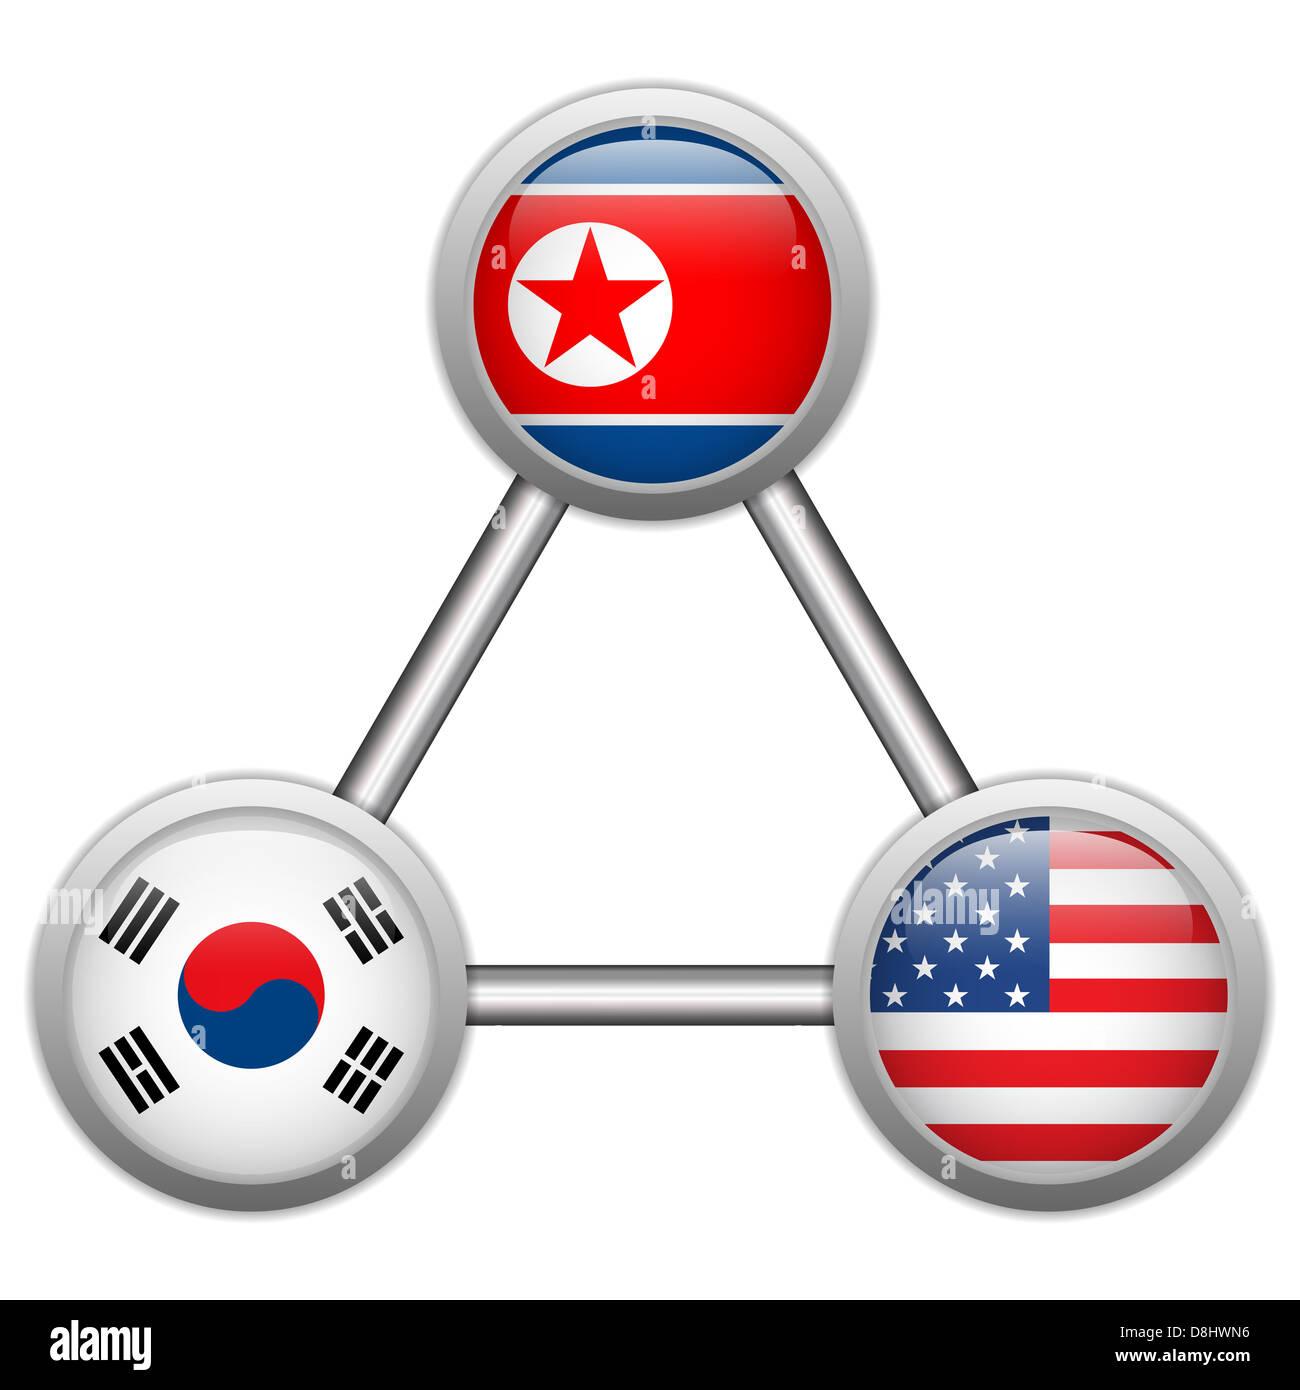 Korea War Stock Photos & Korea War Stock Images - Alamy